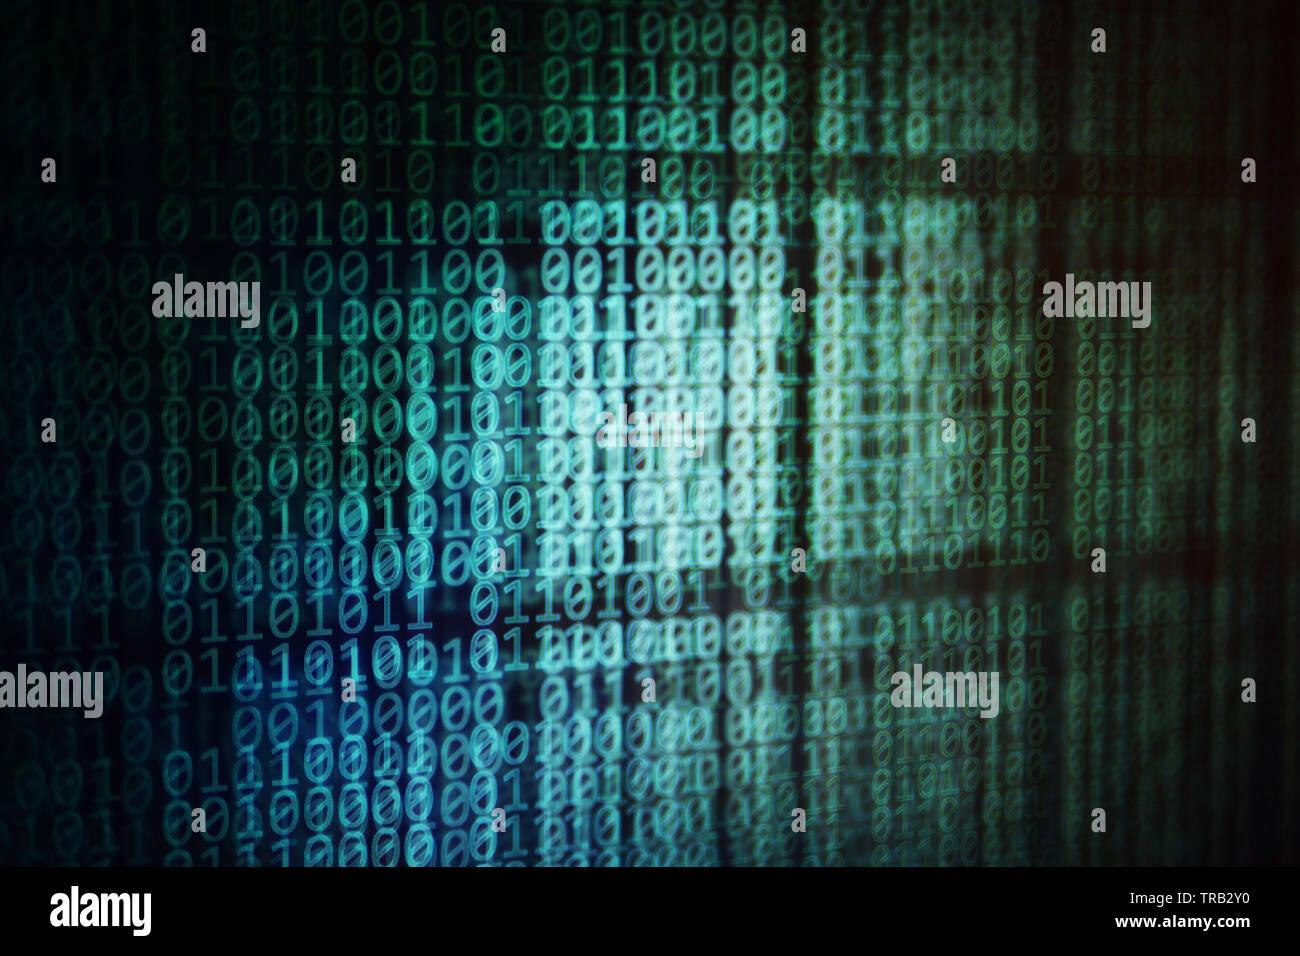 Versteckte Nachricht. Schichten von Daten versteckt sich hinter anderen Ebenen der Daten. Trojaner, Spyware, Malware und Viren Konzepte. fake und liegt im Internet mich Stockbild